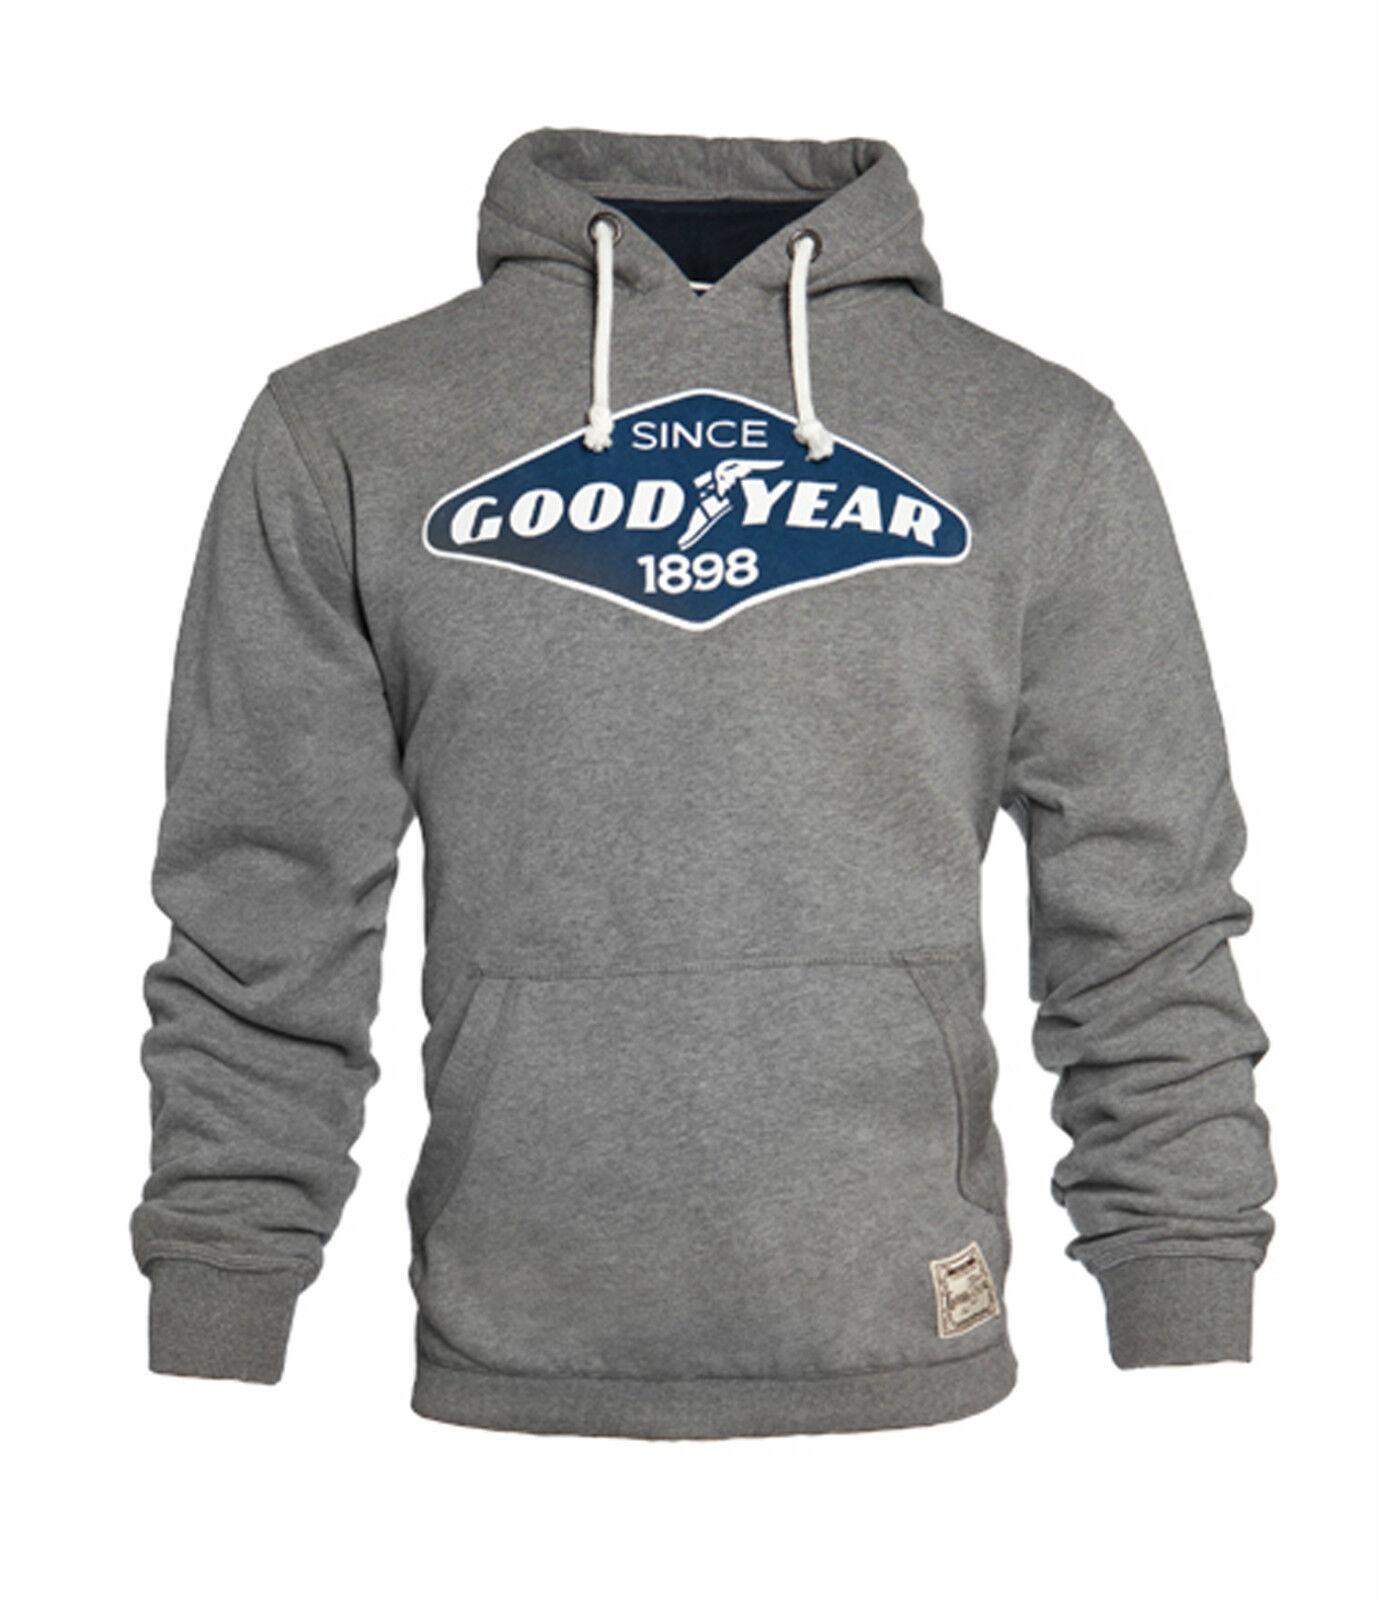 GoodYear Hoodie Grey Sweatshirt OREGON Motorcycle Auto Biker Hot-Rod Slim-Fit